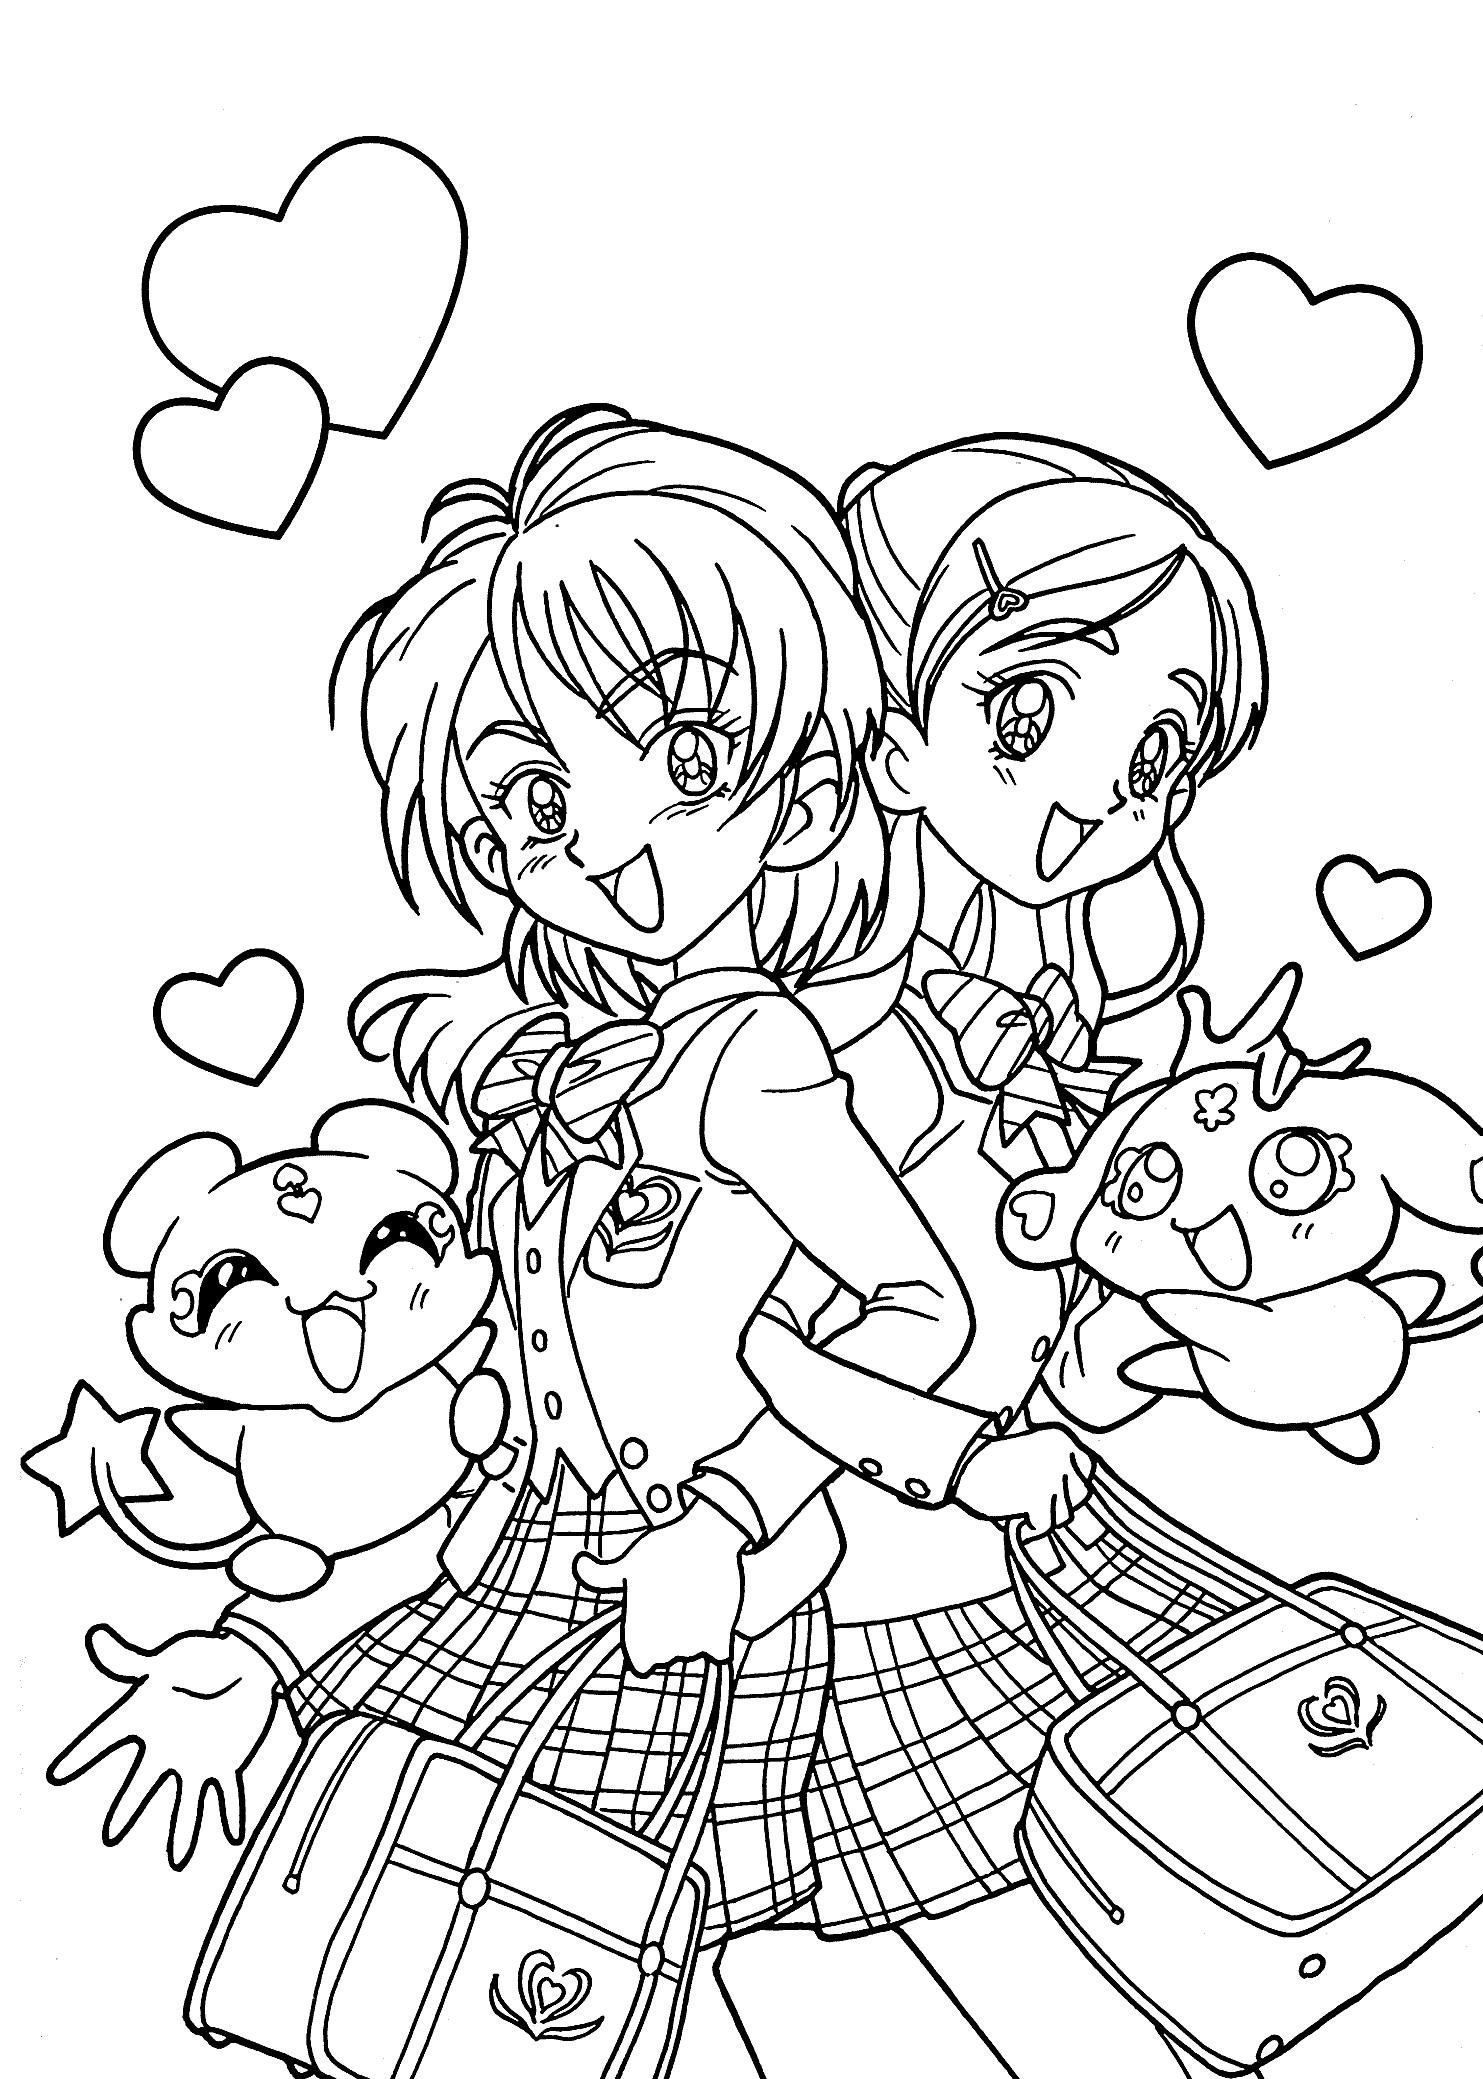 Tranh tô màu bạn gái anime dễ thương nhất